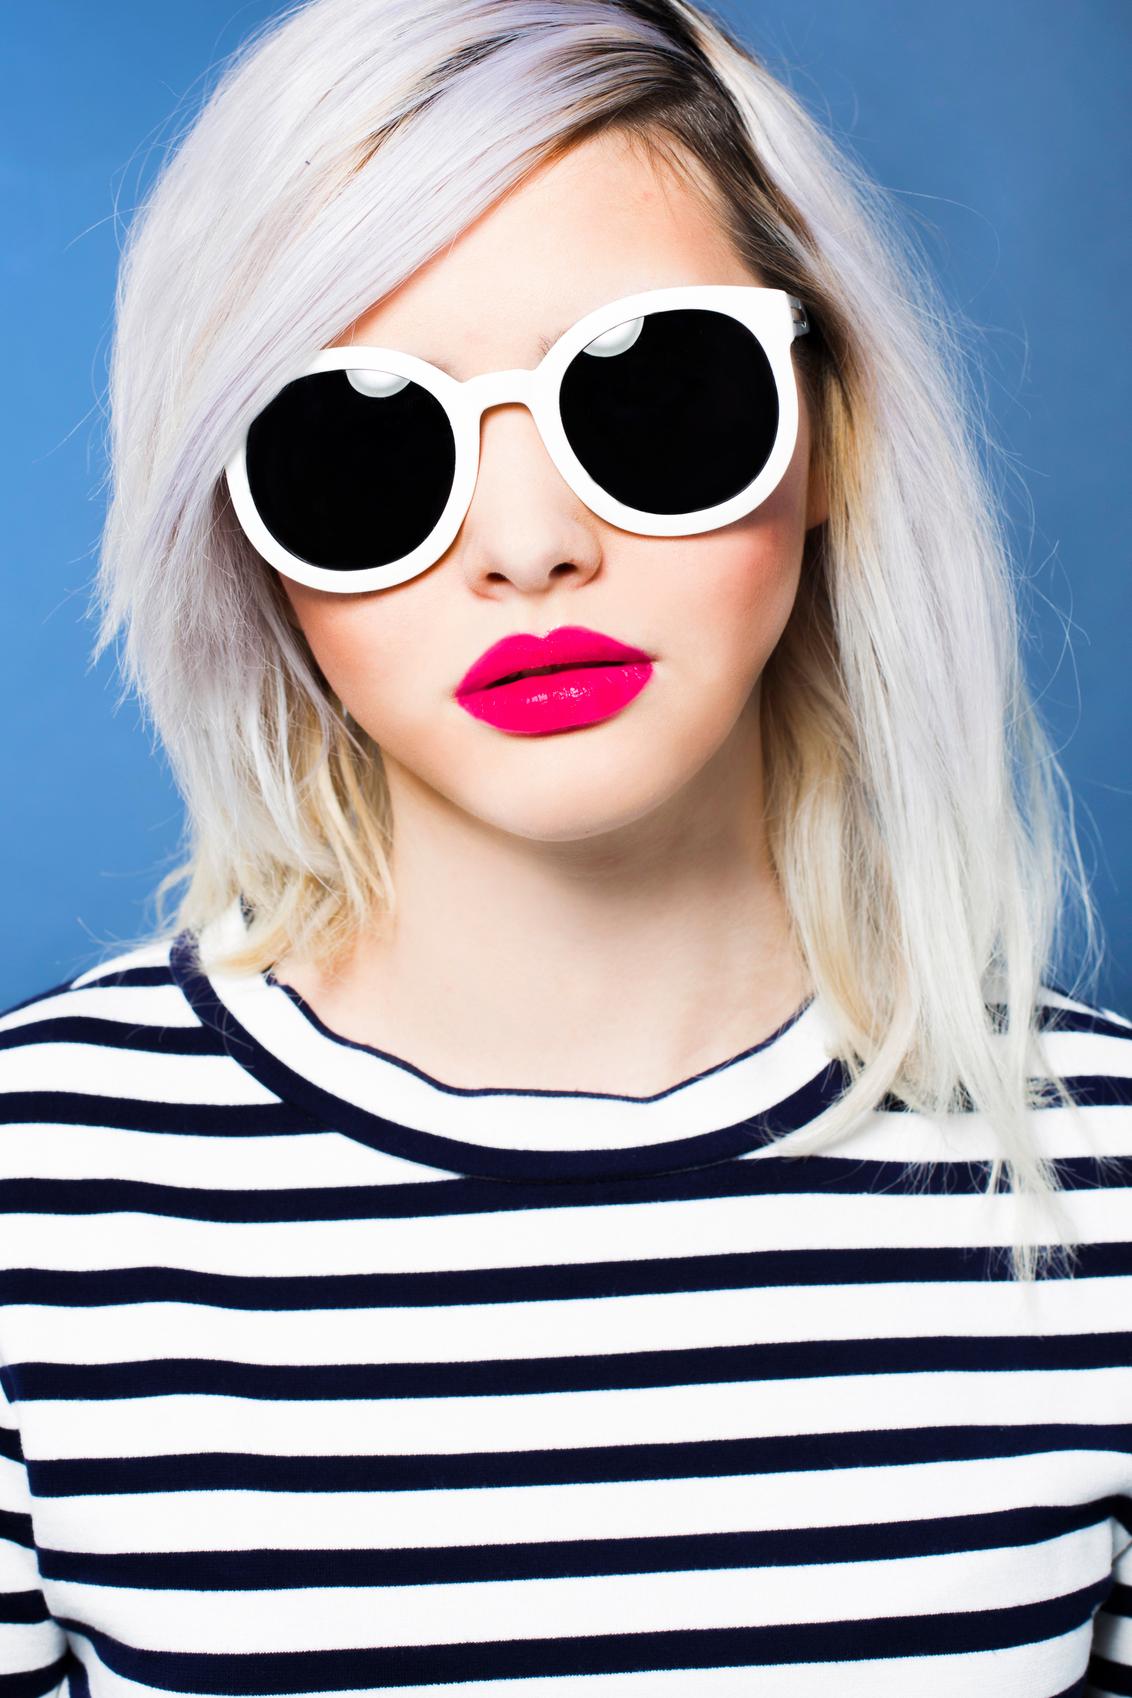 Sunglasses - Ik wilde als doel iets maken voor een zonnebrillenzaak. De reflectie in de bril geeft wat extra's. - foto door anoukstrijbos op 07-12-2015 - deze foto bevat: kleur, portret, fashion, meisje, lippen, kapsel, belichting, mode, magazine, kleding, makeup, styling, fashionfotografie